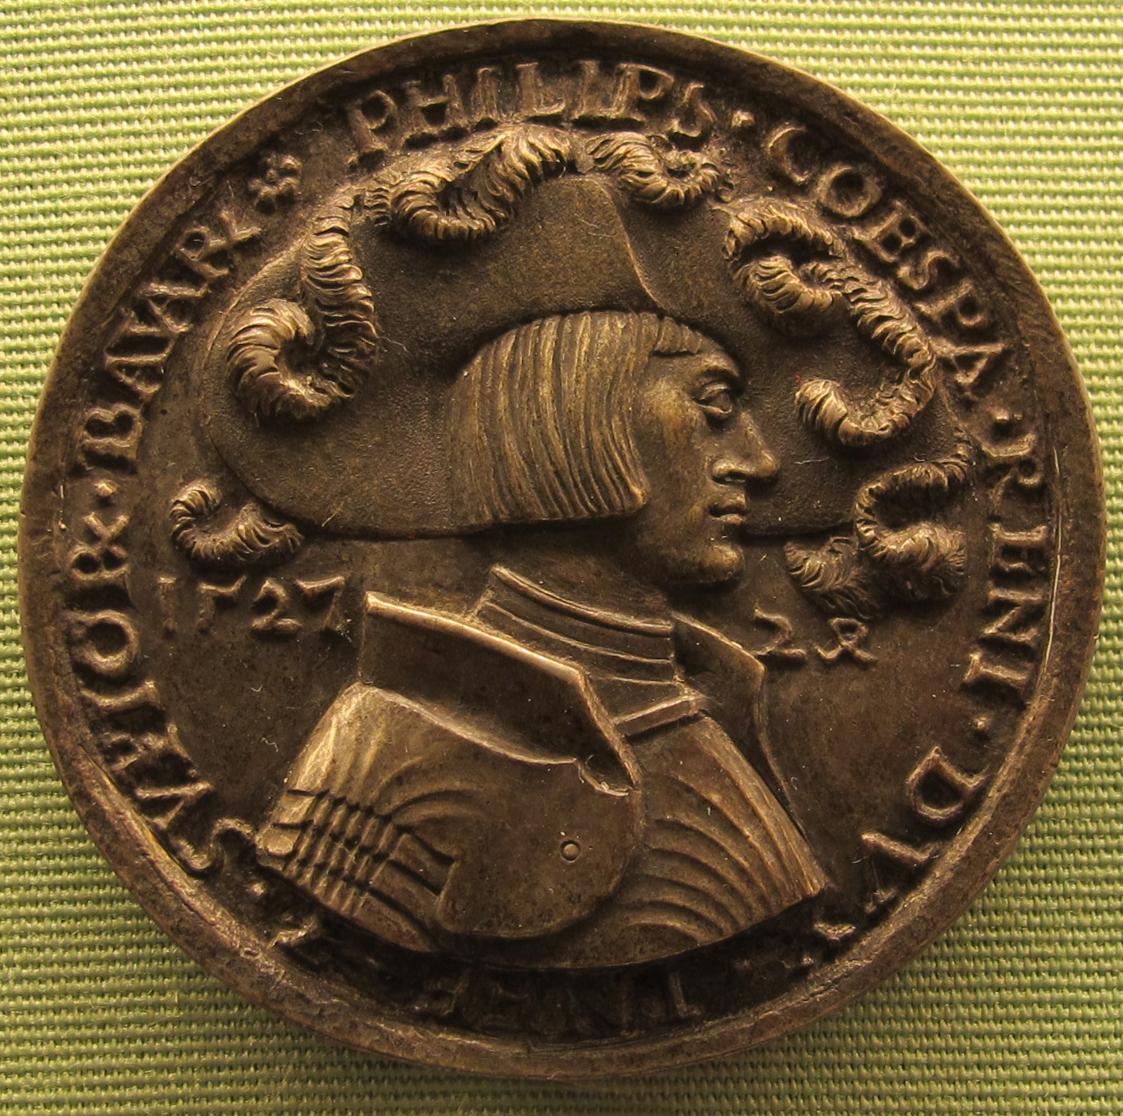 File:Hans daucher, philipp von pfalz-neuburg, 1527.JPG